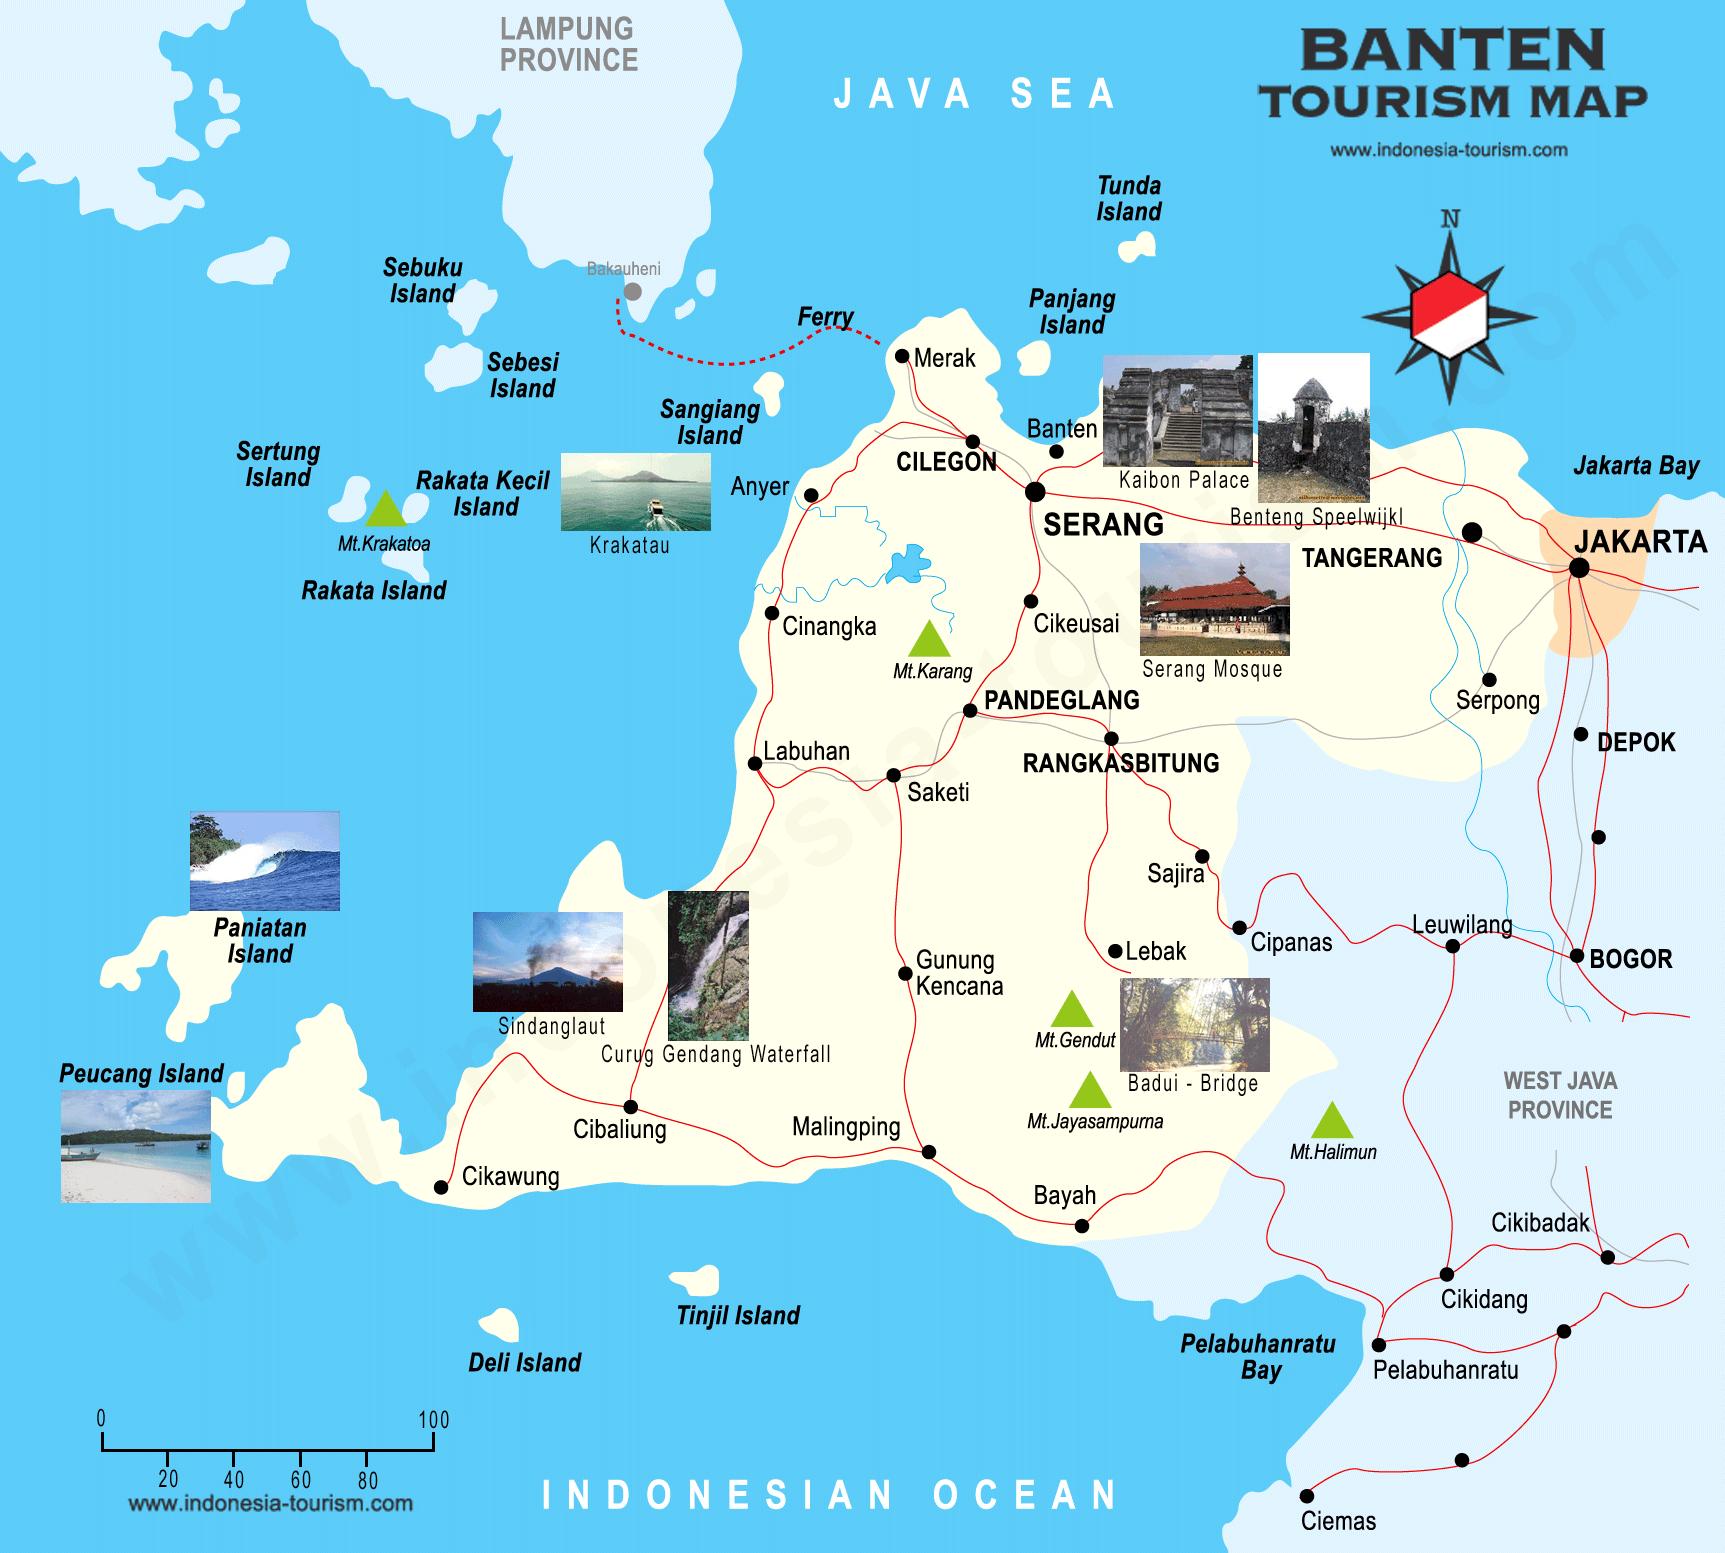 Masjid Agung Banten Suetoclub Blog Perjalanan Mengitari Daerah Sekitar Propinsi